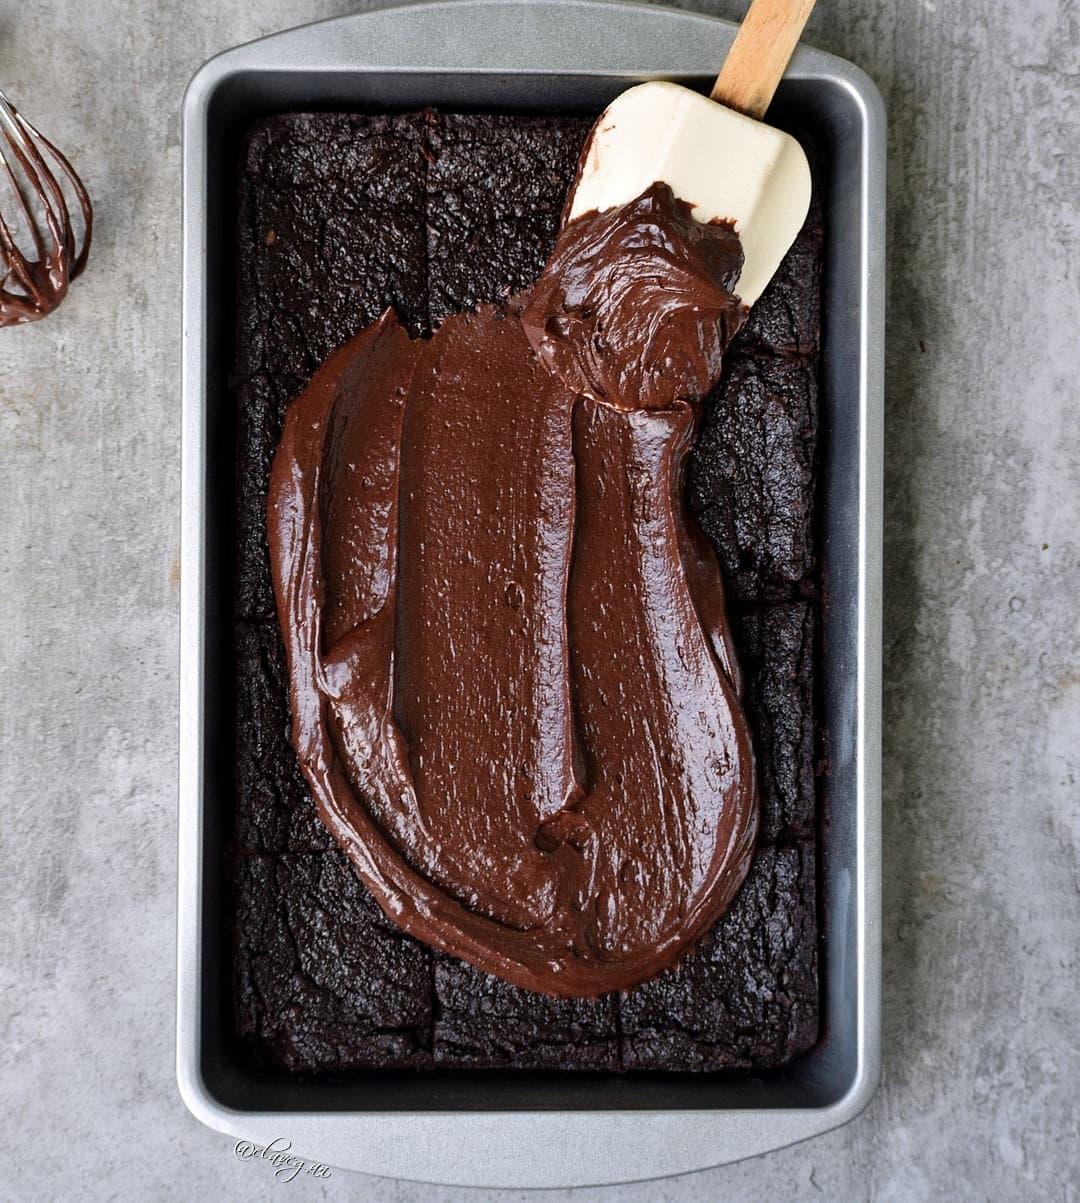 die besten brownies vegan, glutenfrei, gesund mit einer cremigen schokoladenglasur